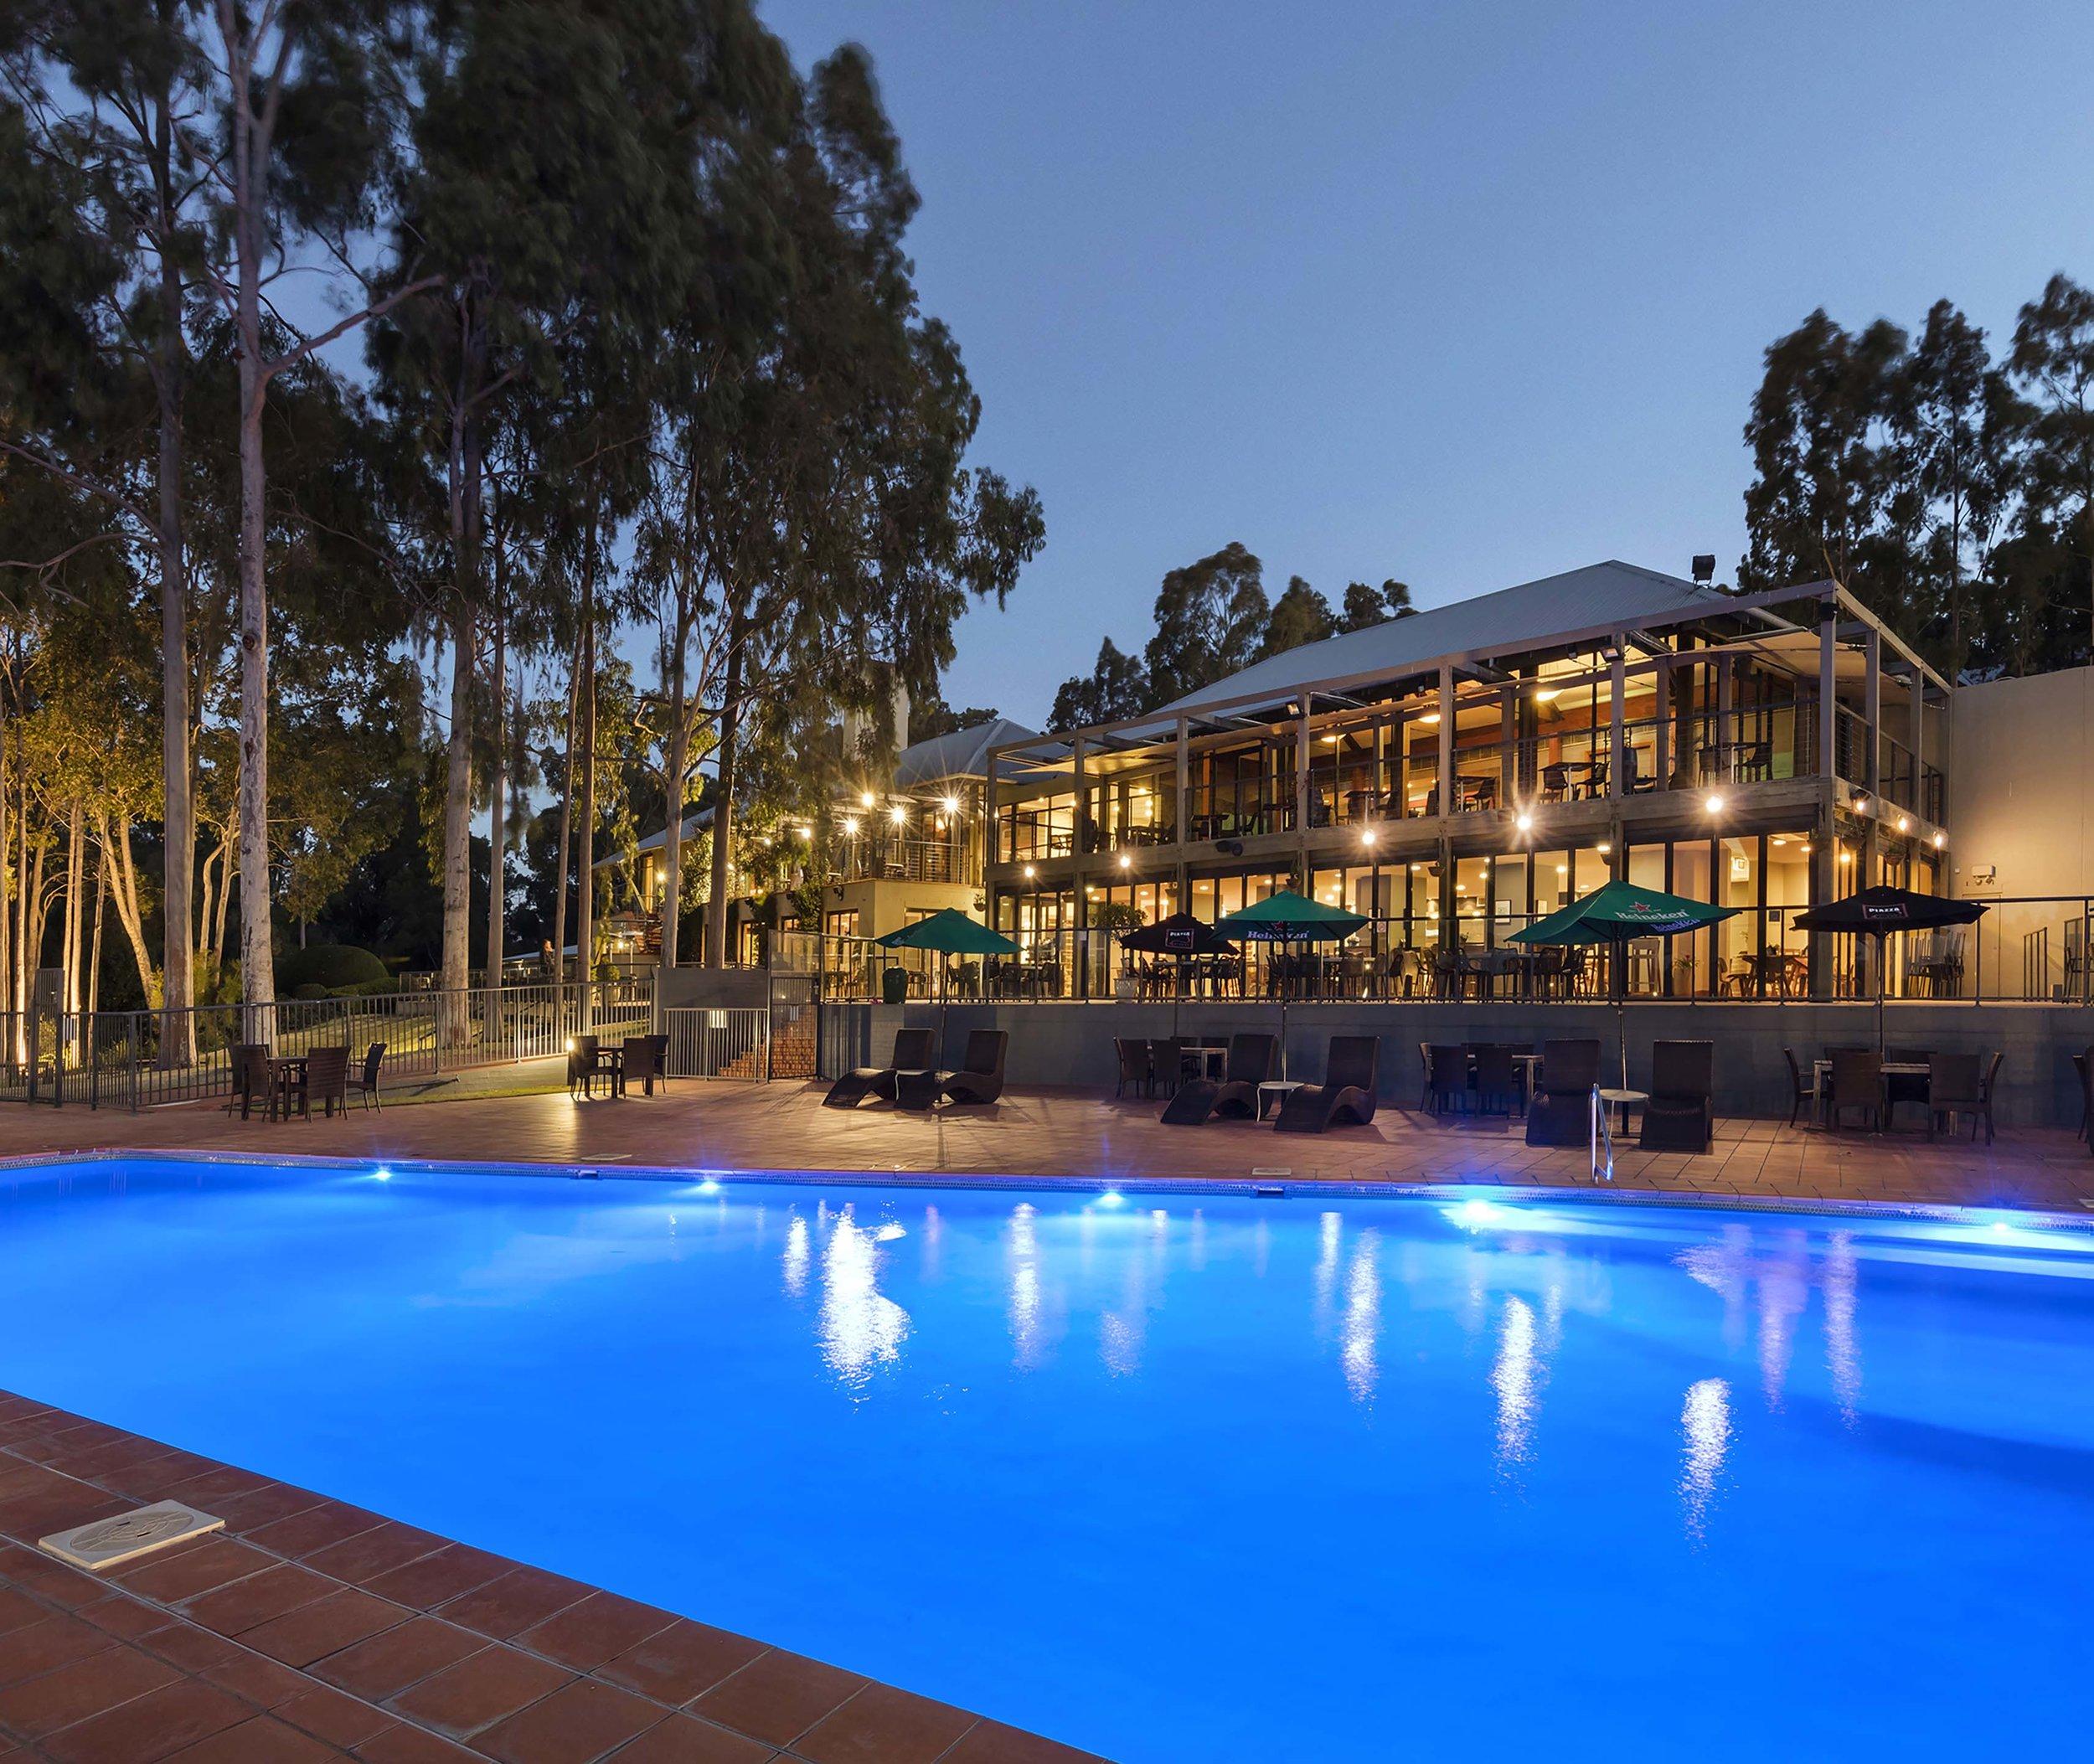 88017663-H1-Oaks_Cypress_Lakes_Resort_Main_Pool.jpg